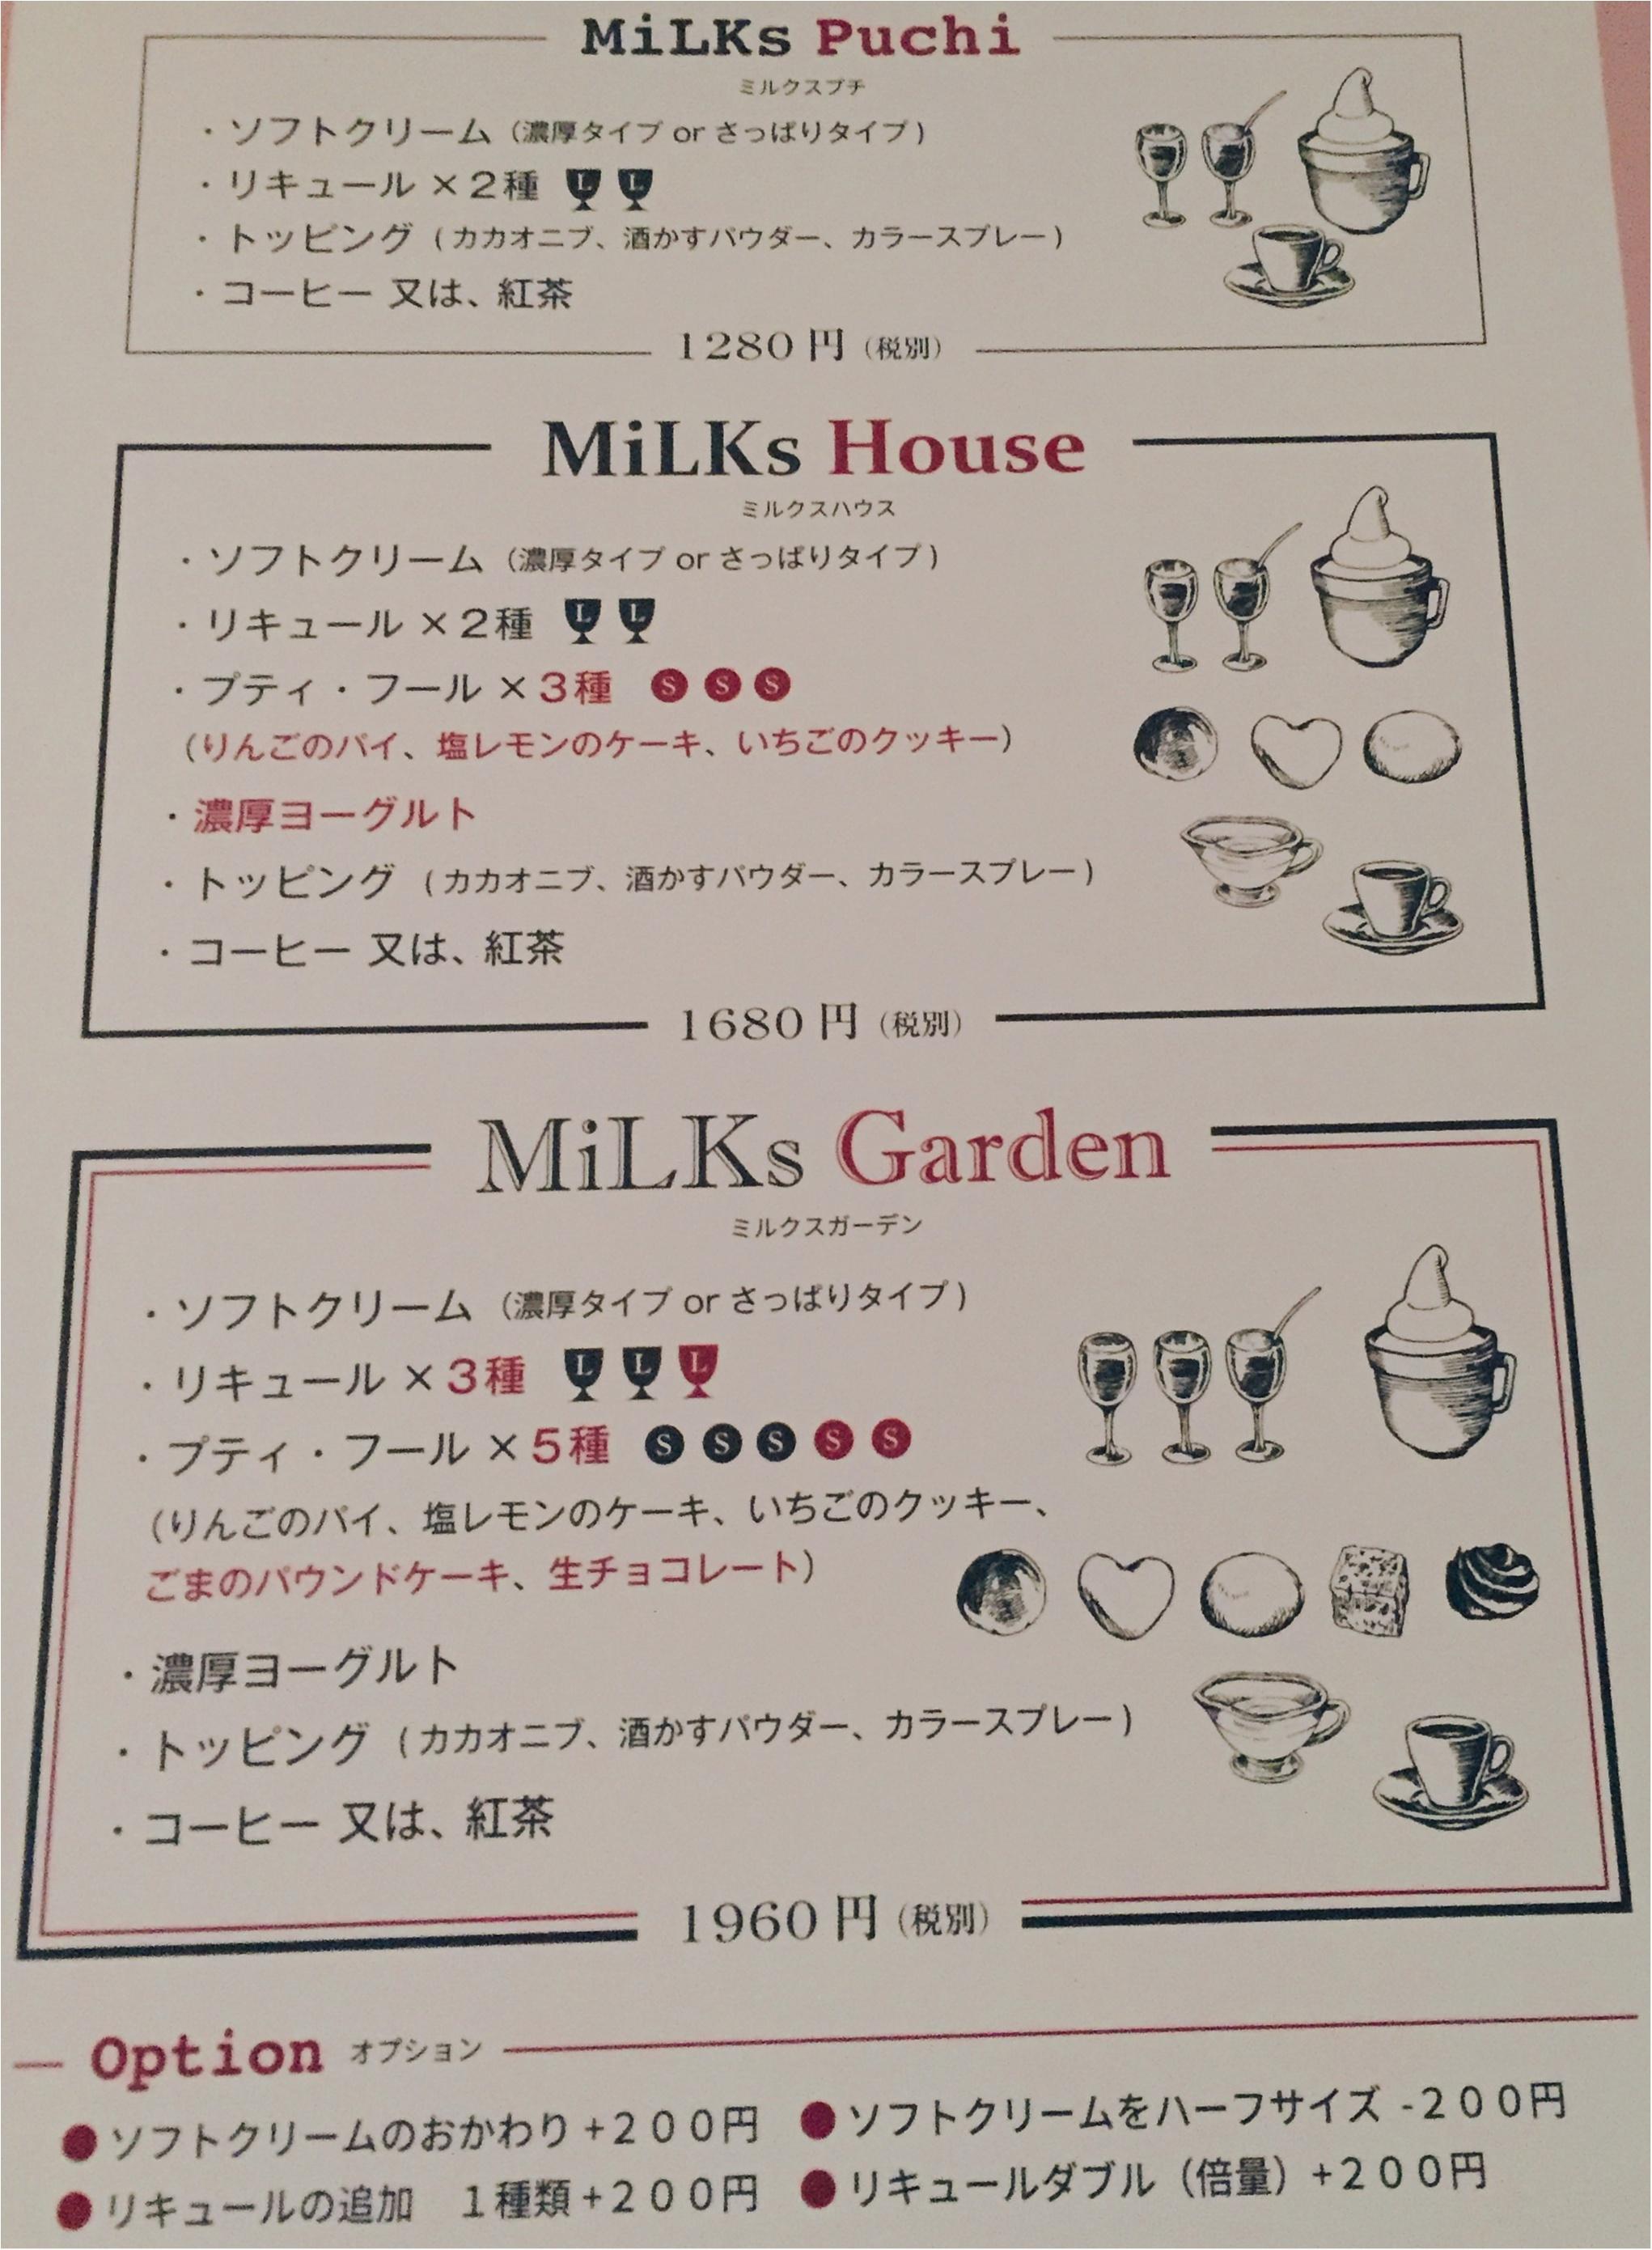 【恵比寿MiLKs】インスタ映え100%♡ソフトクリーム×リキュール×スイーツのカフェバー✨_3